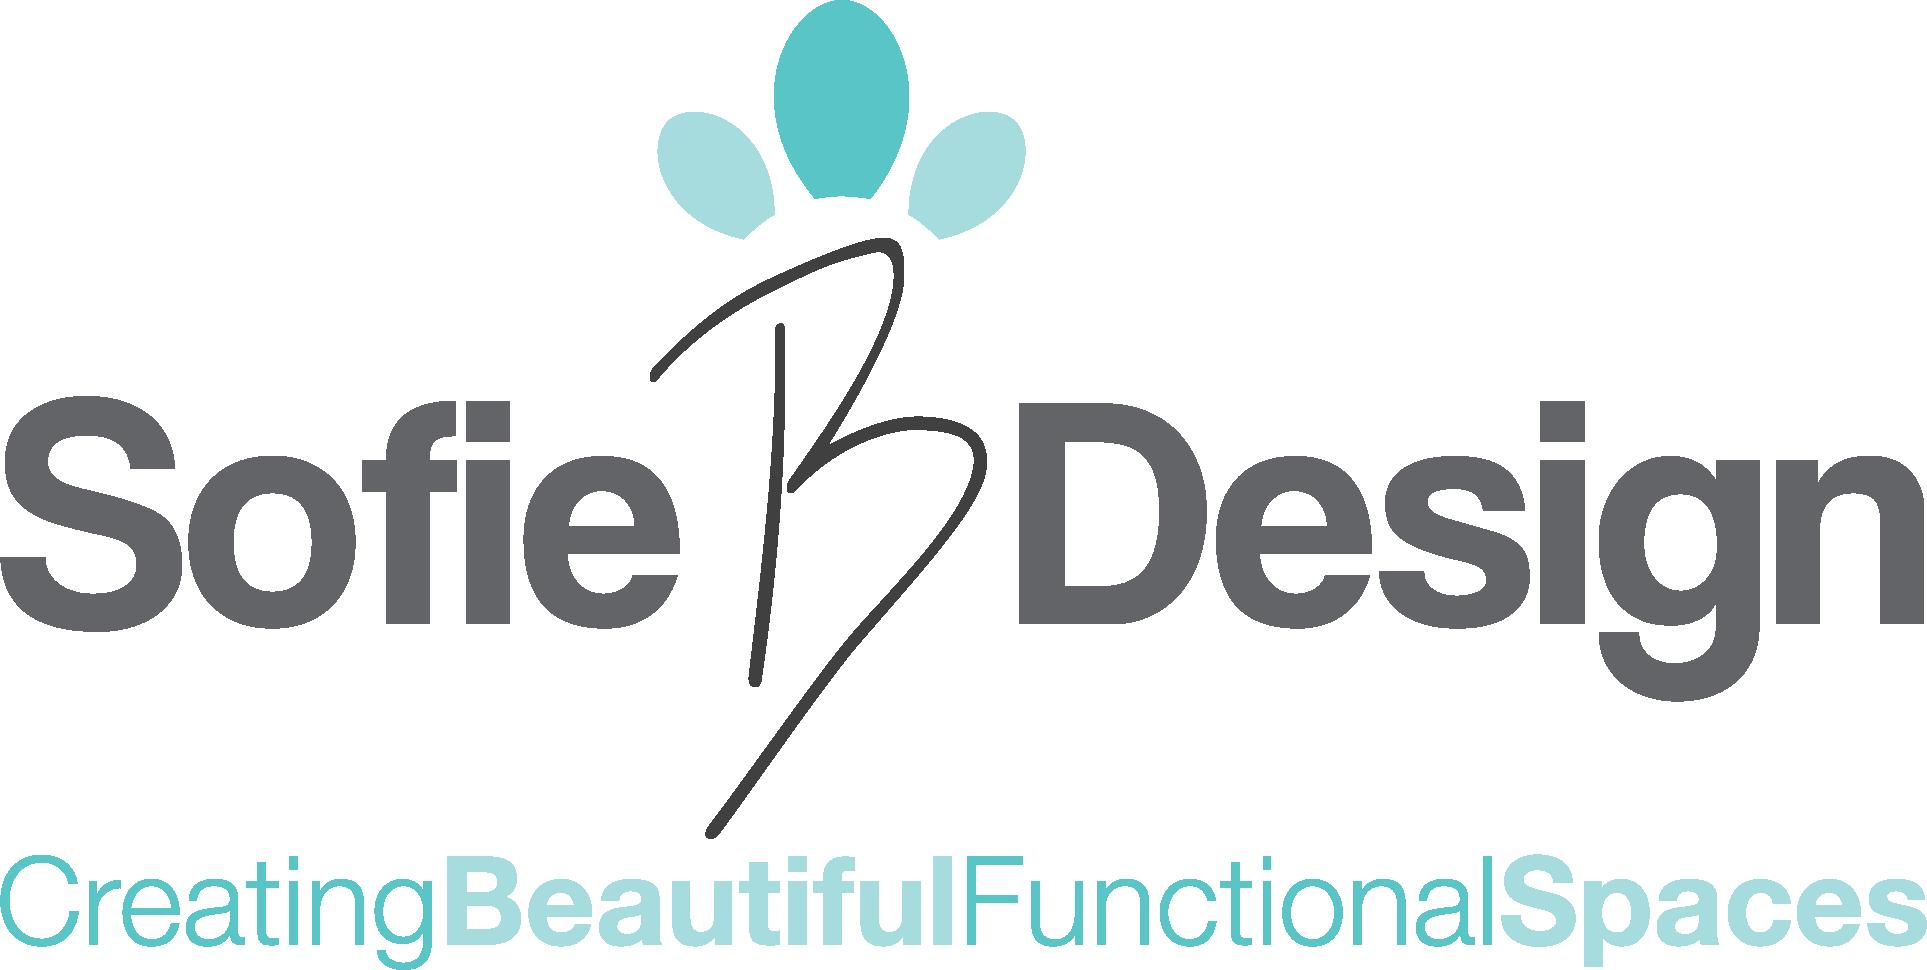 Sofie B Design